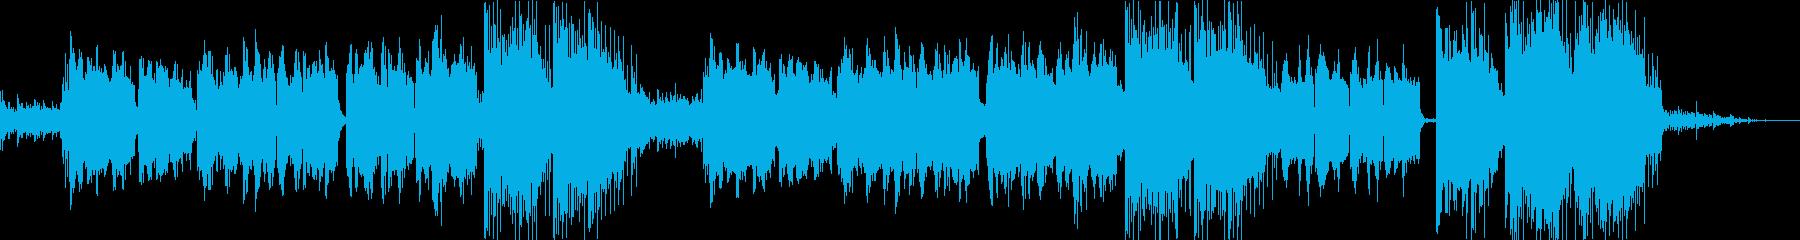 優しいフルートの旋律が印象的な春の音楽の再生済みの波形